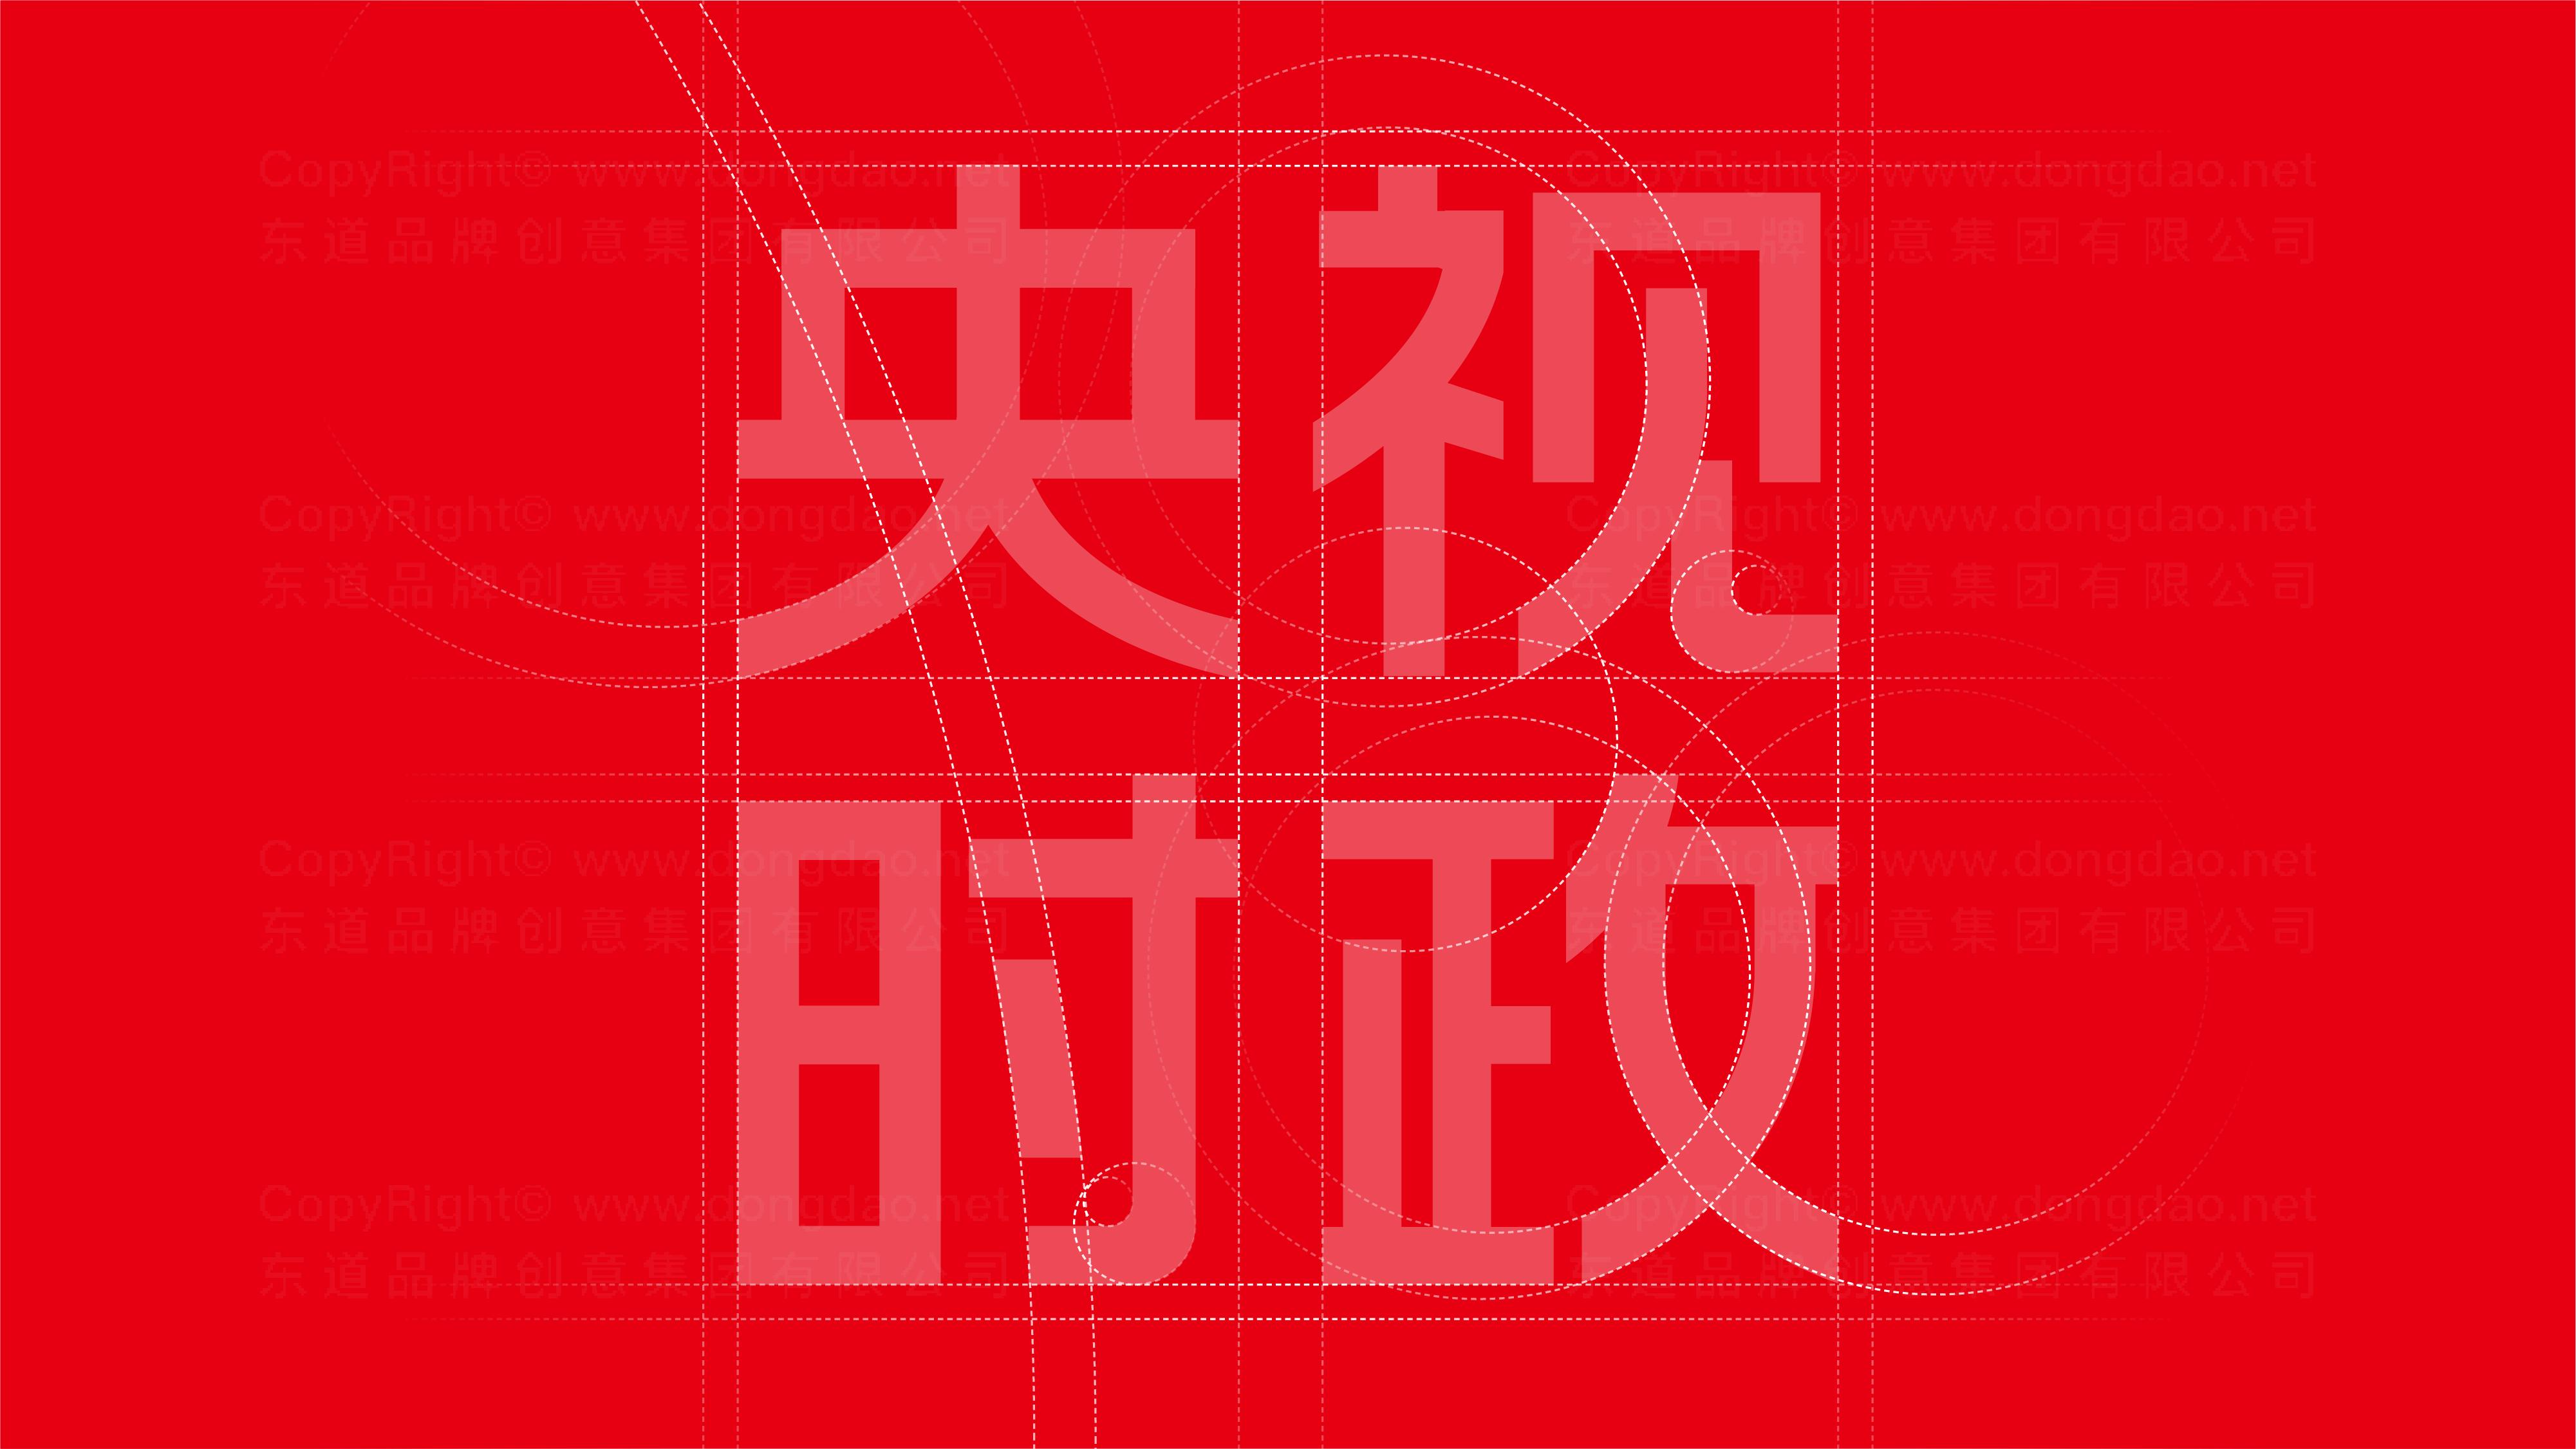 文体娱媒品牌设计央视时政LOGO设计